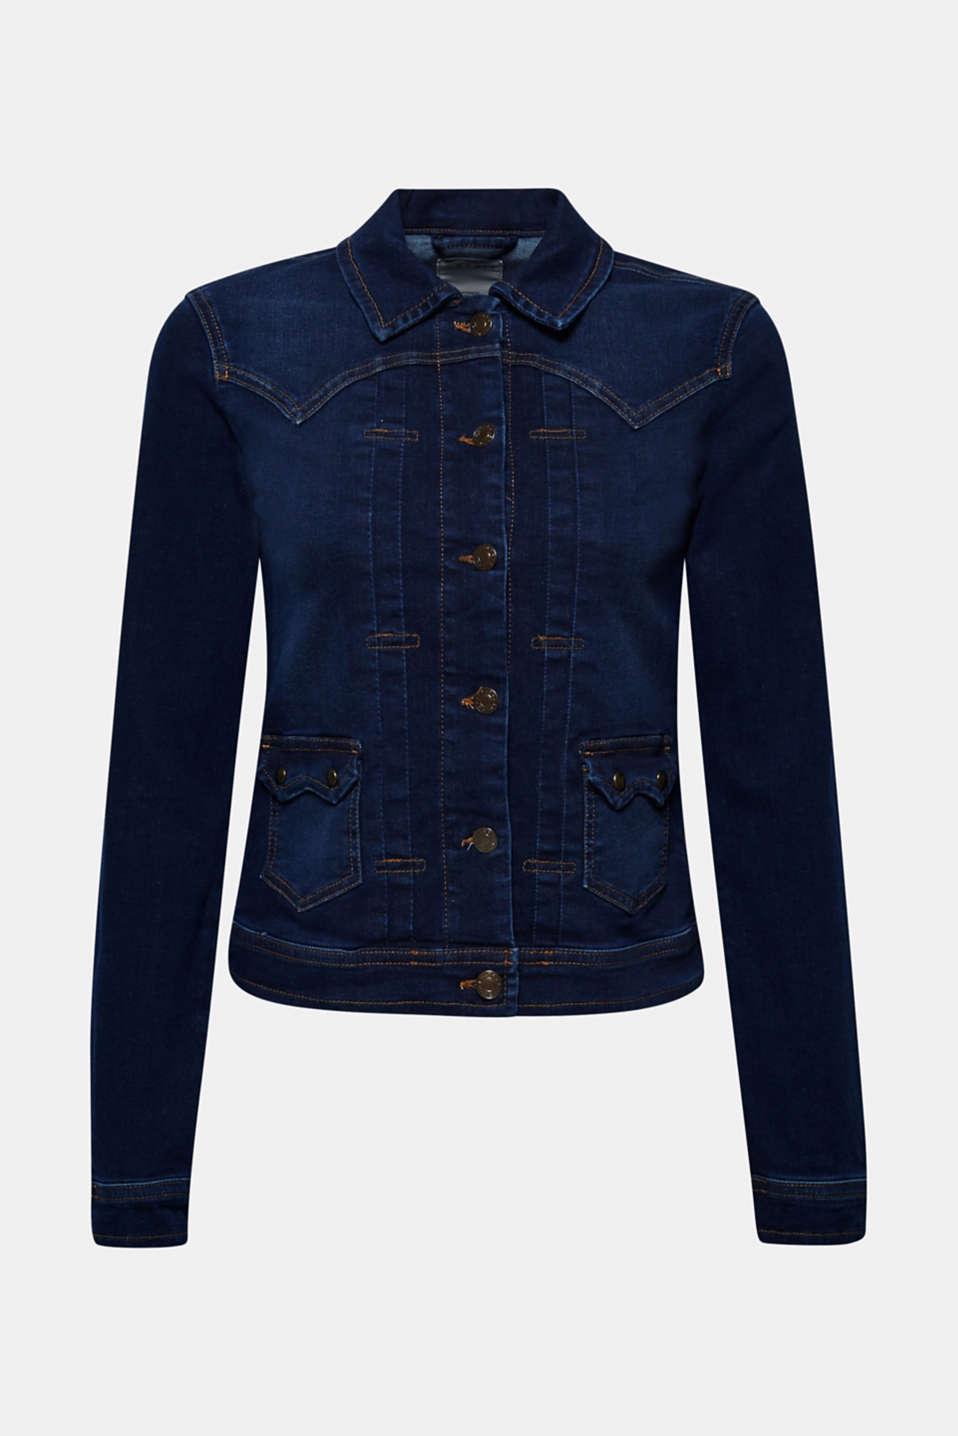 Jackets indoor denim, BLUE RINSE, detail image number 6